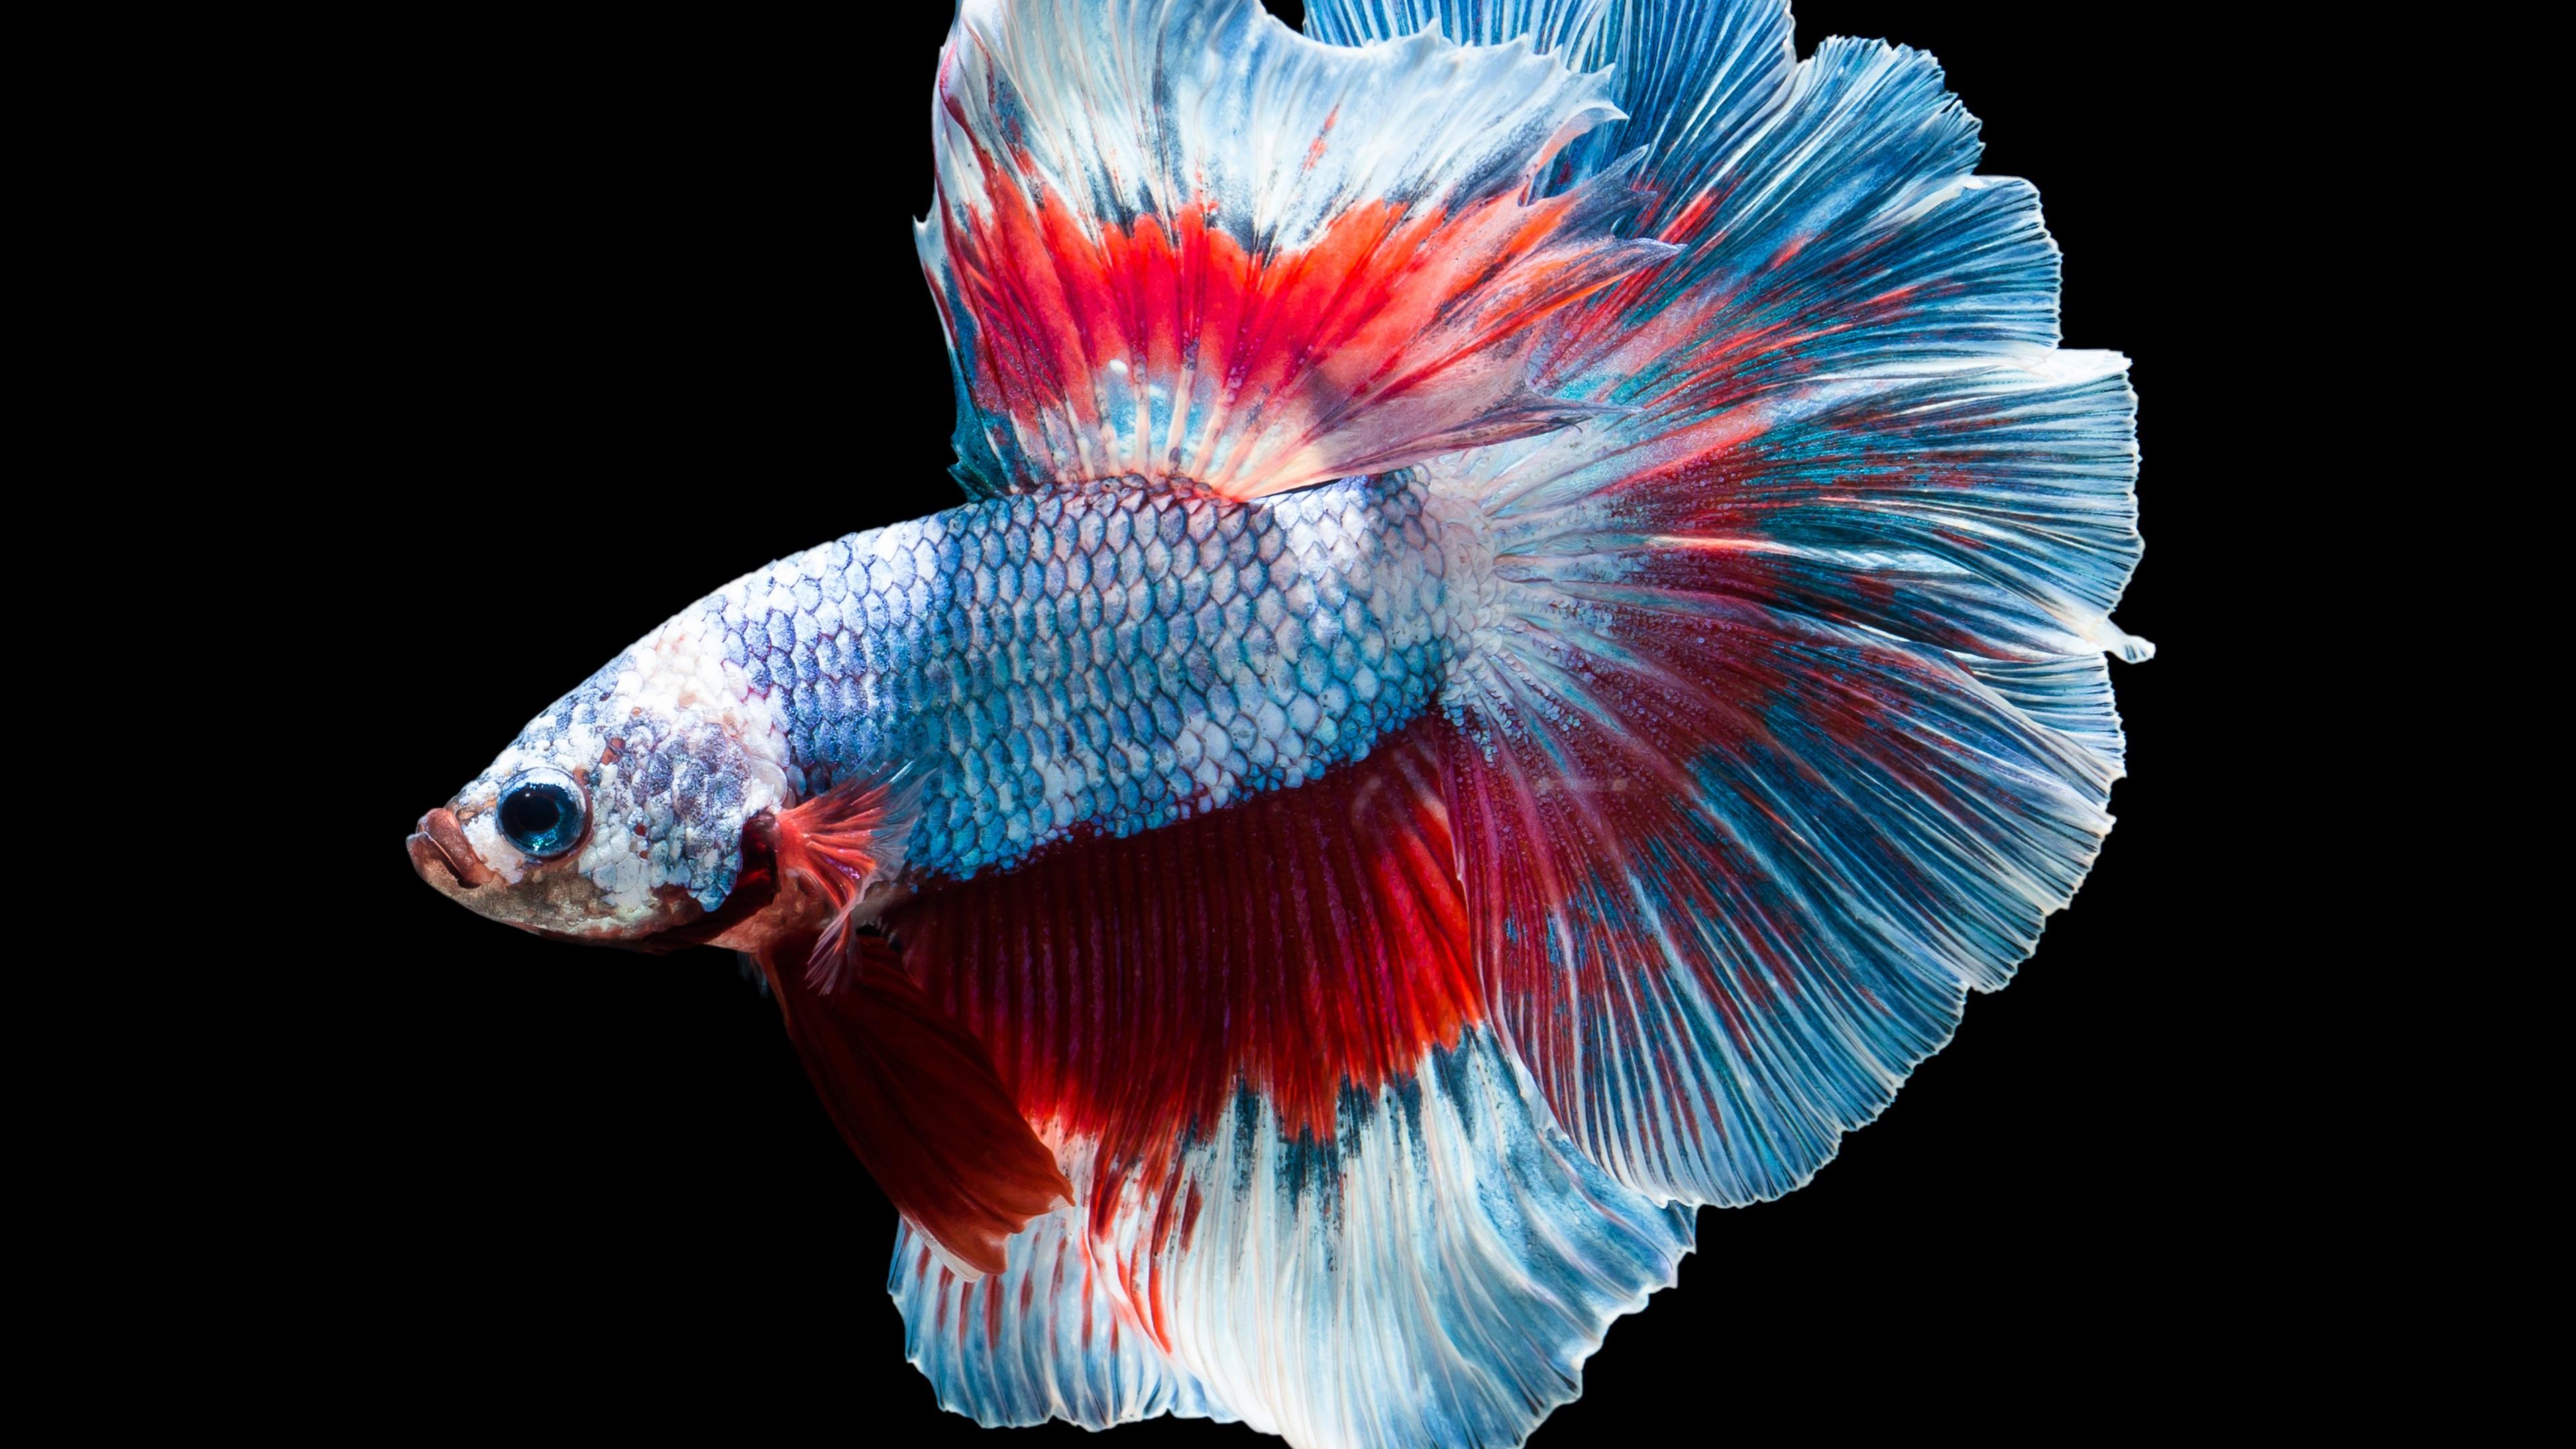 Fisch, Farben, schwarzer Hintergrund 3840x2160 UHD 4K ...